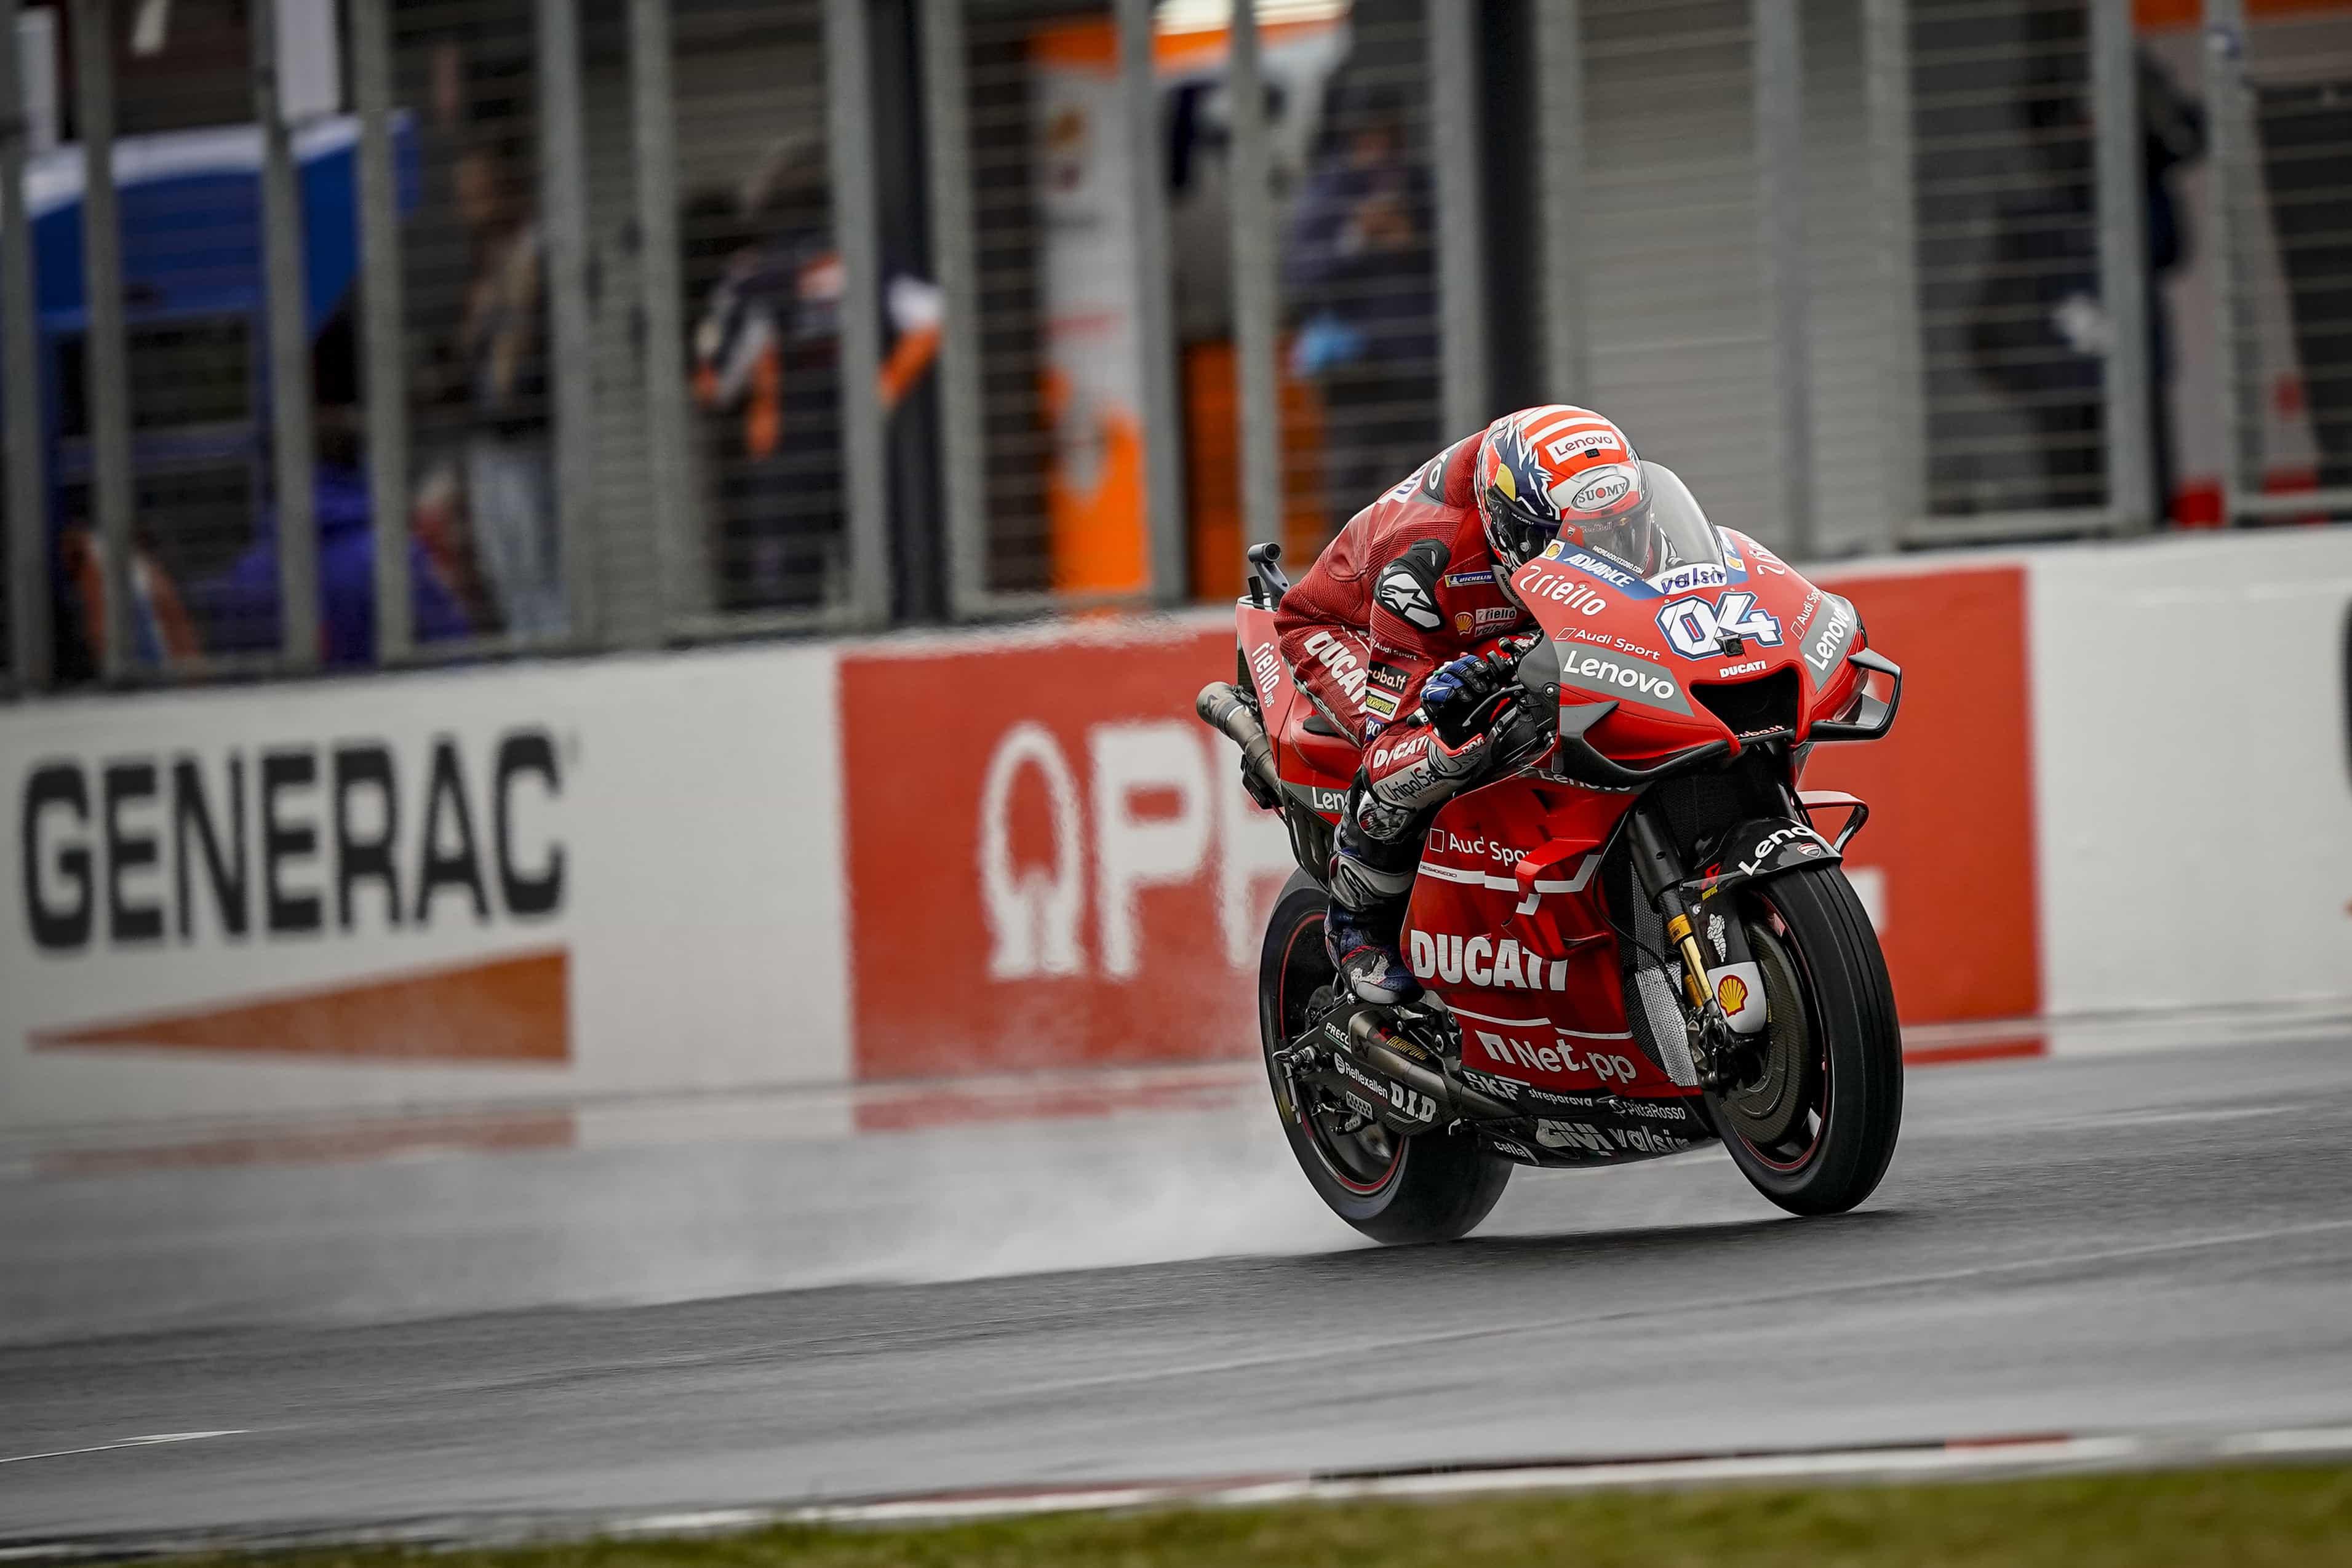 MotoGP2019オーストラリアGP FP2 2位ドヴィツィオーゾ「今日2番手を獲得出来たのは良かった」